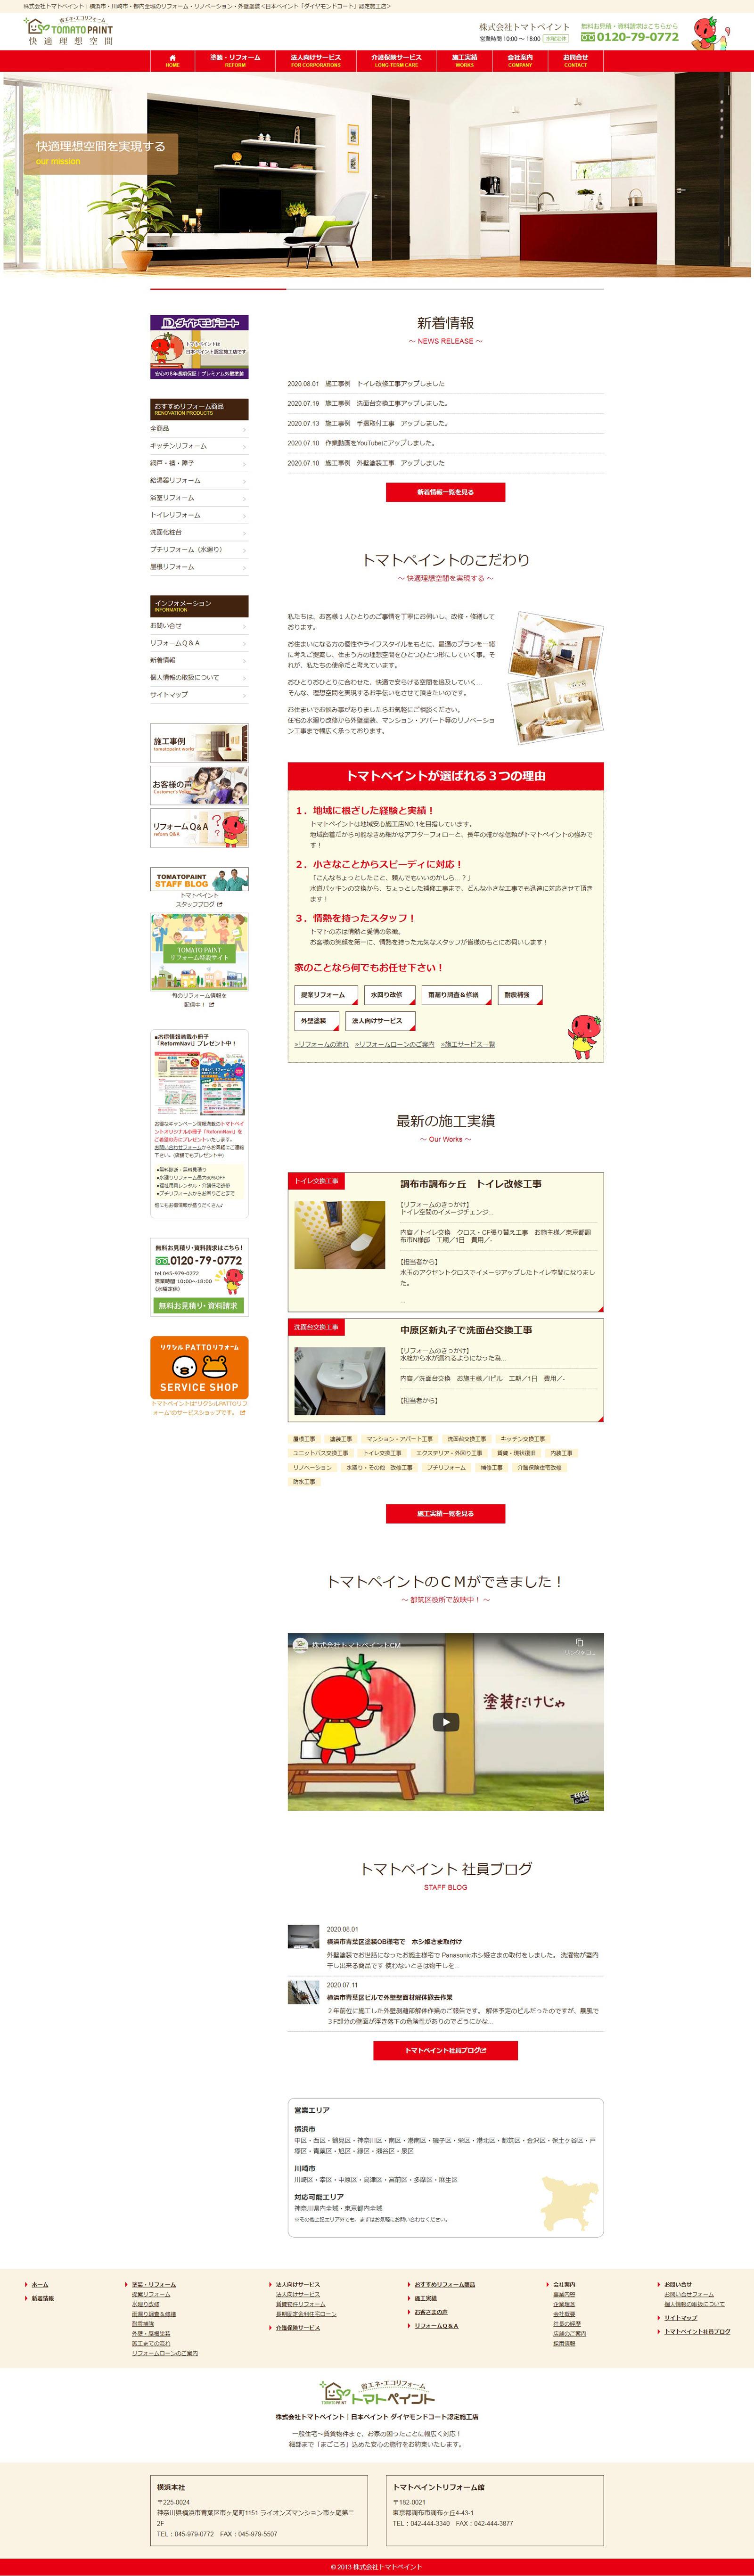 リフォーム業のウェブサイト